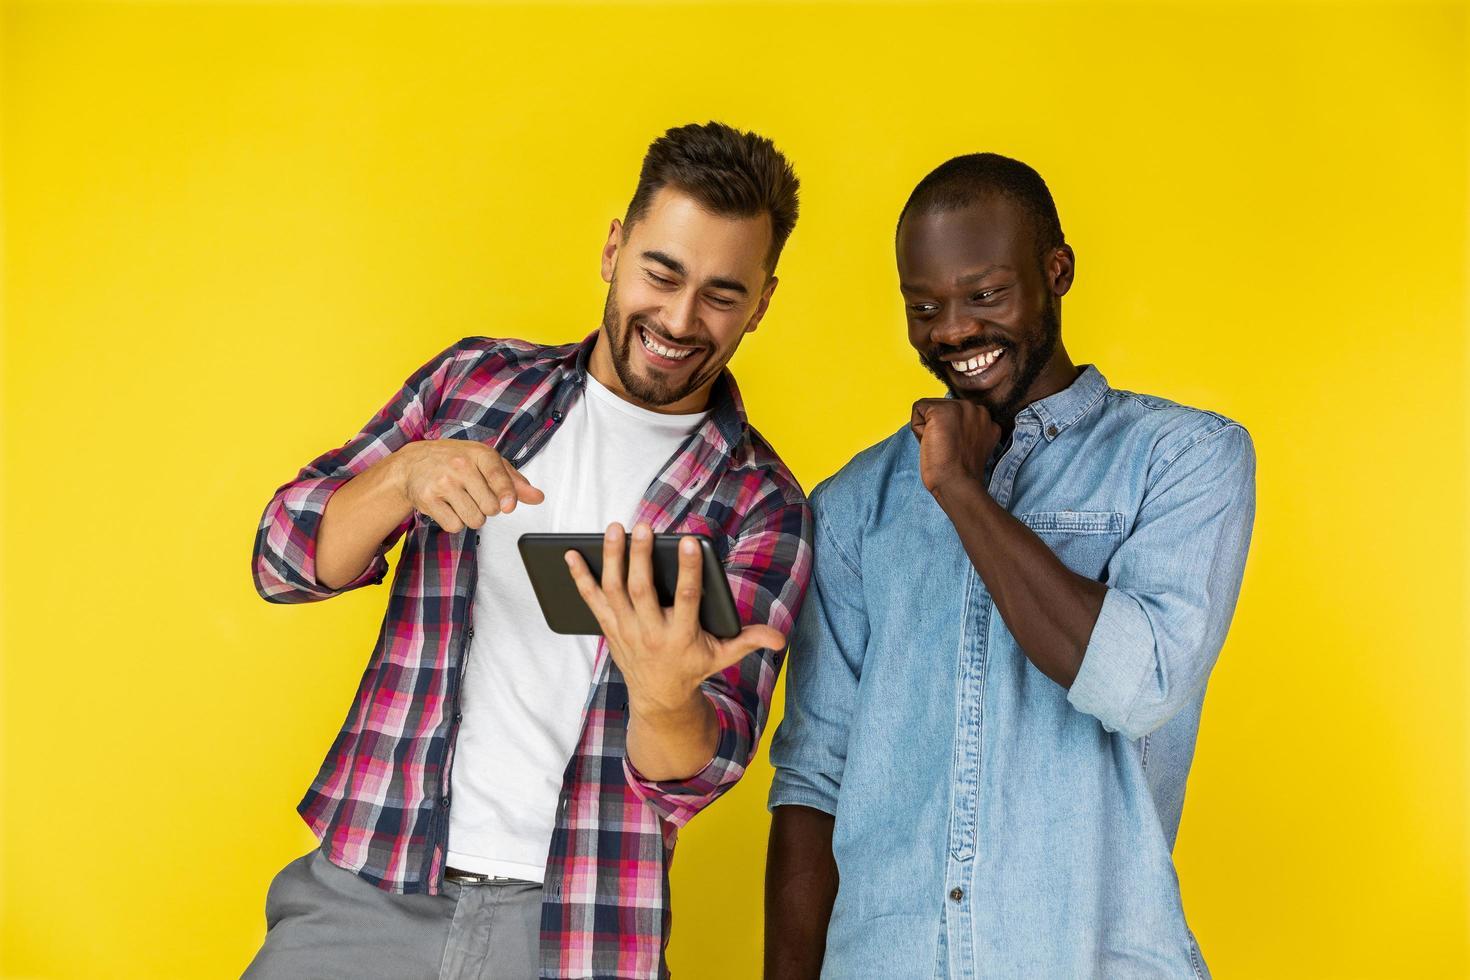 deux amis riant à une vidéo photo